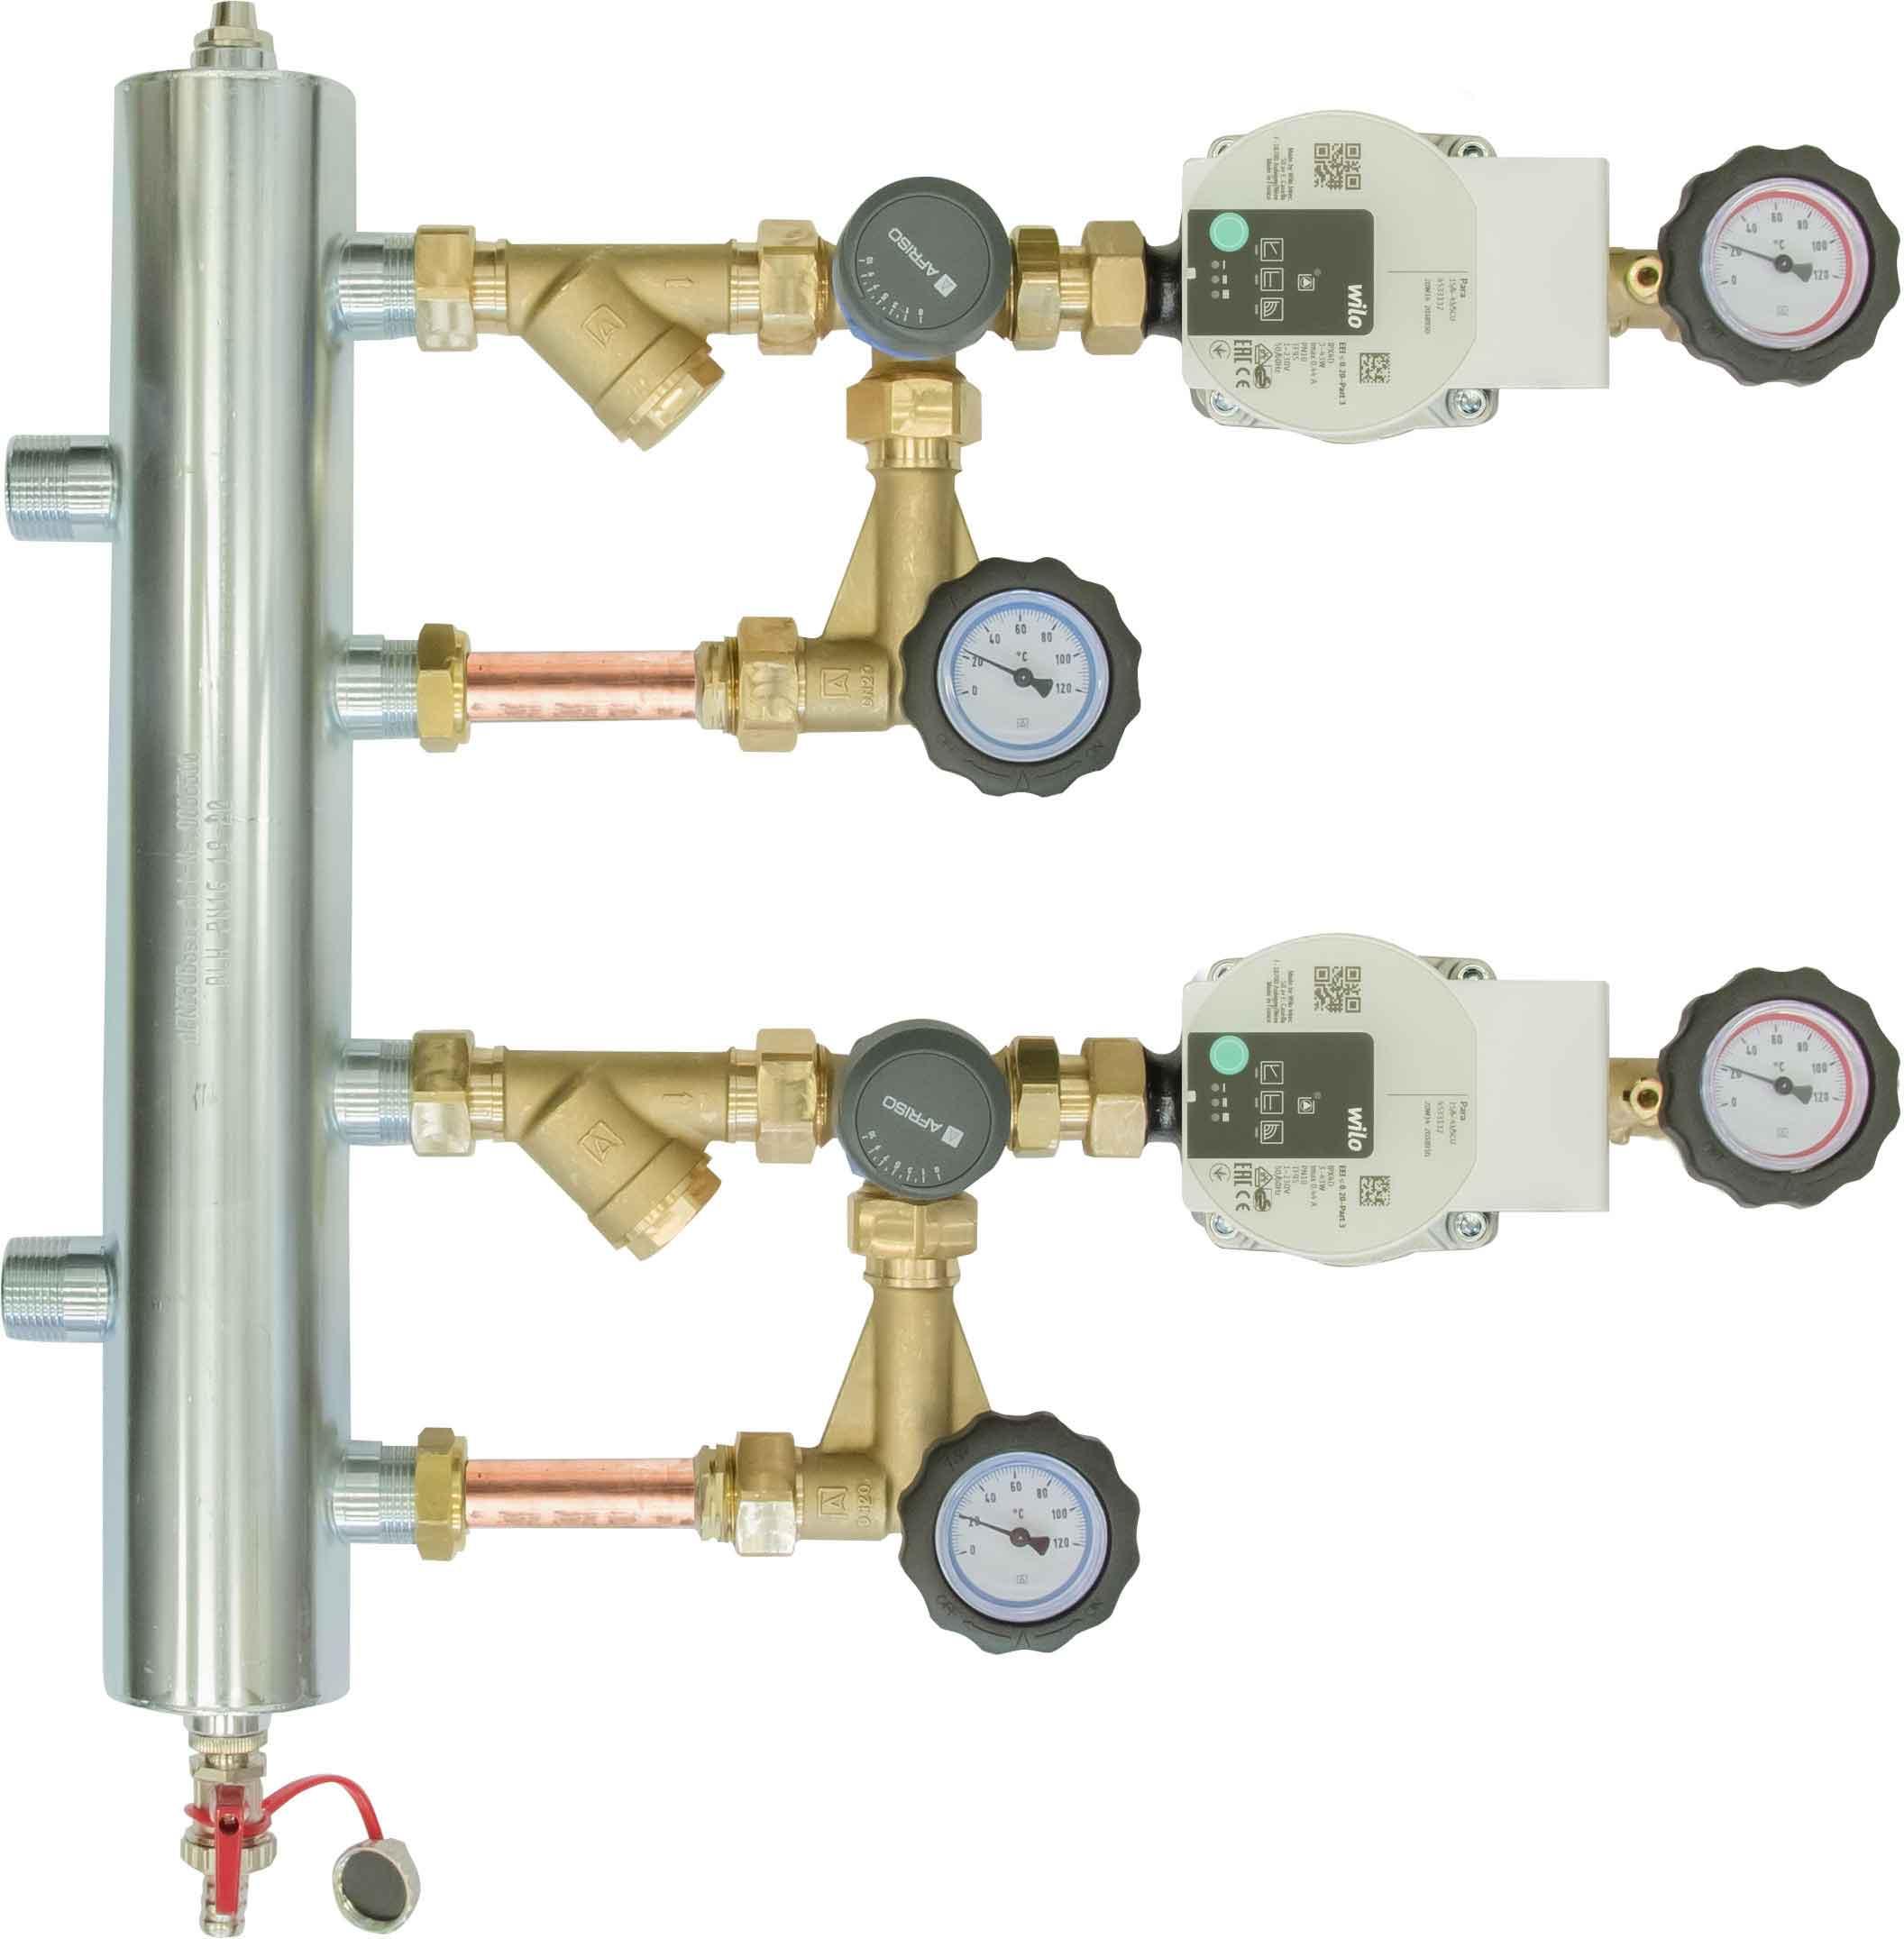 Zestaw mieszający ze sprzęgłem hydraulicznym BPS 977, dwa człony z zaworem obrotowym ARV 362, pompy Wilo Para SC